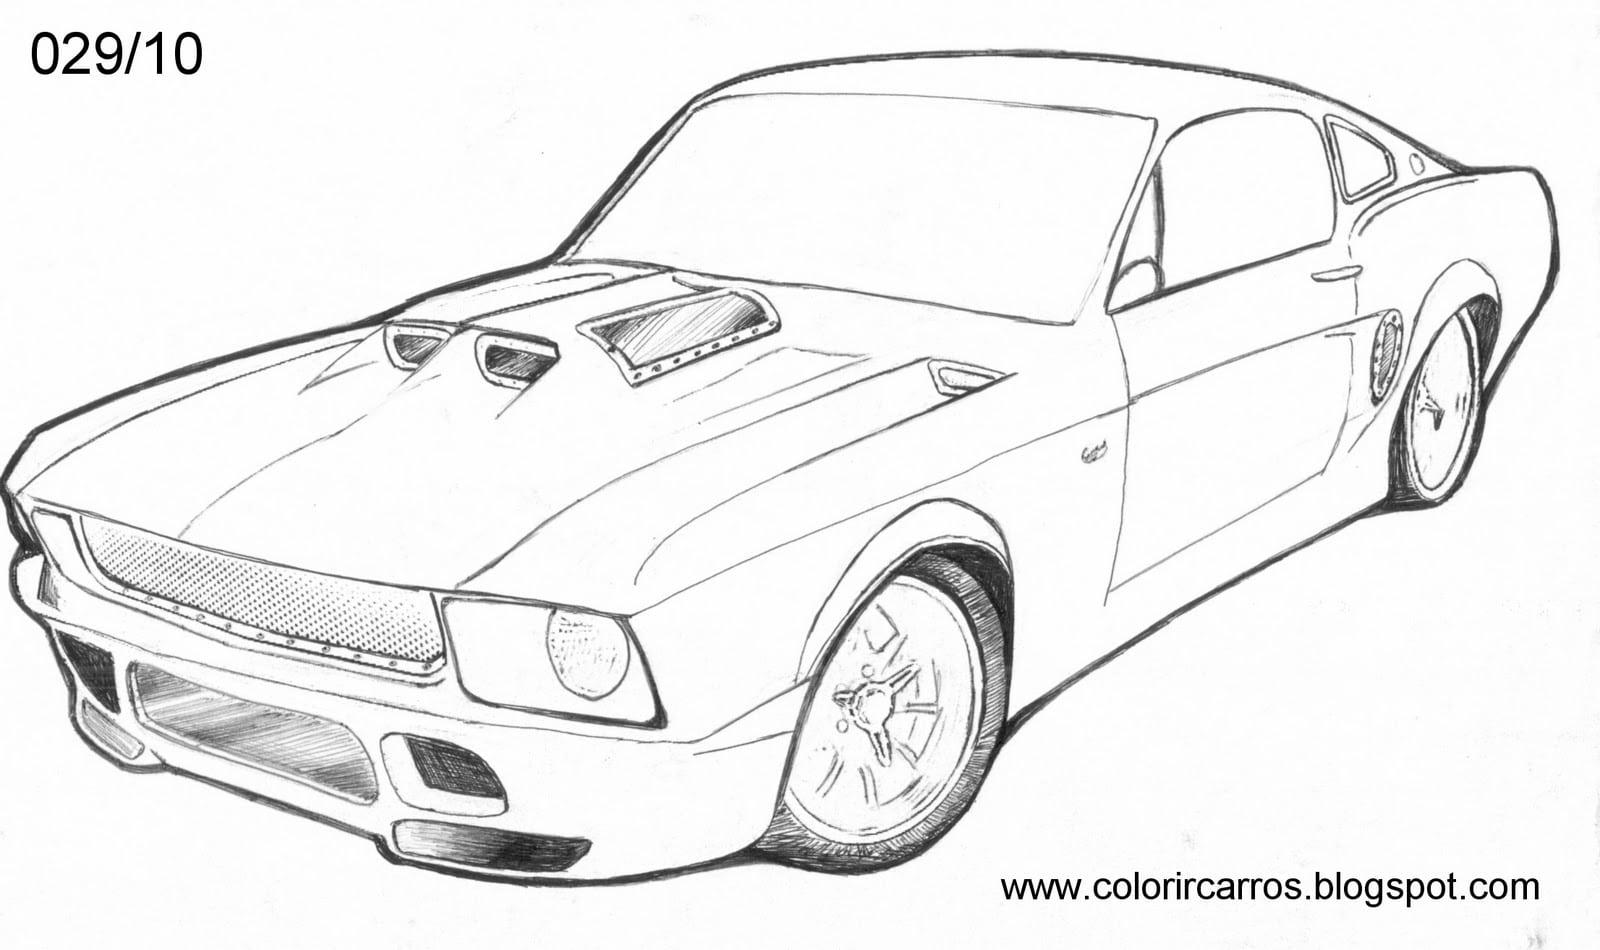 Amado Imprimir Desenhos De Carros QR28